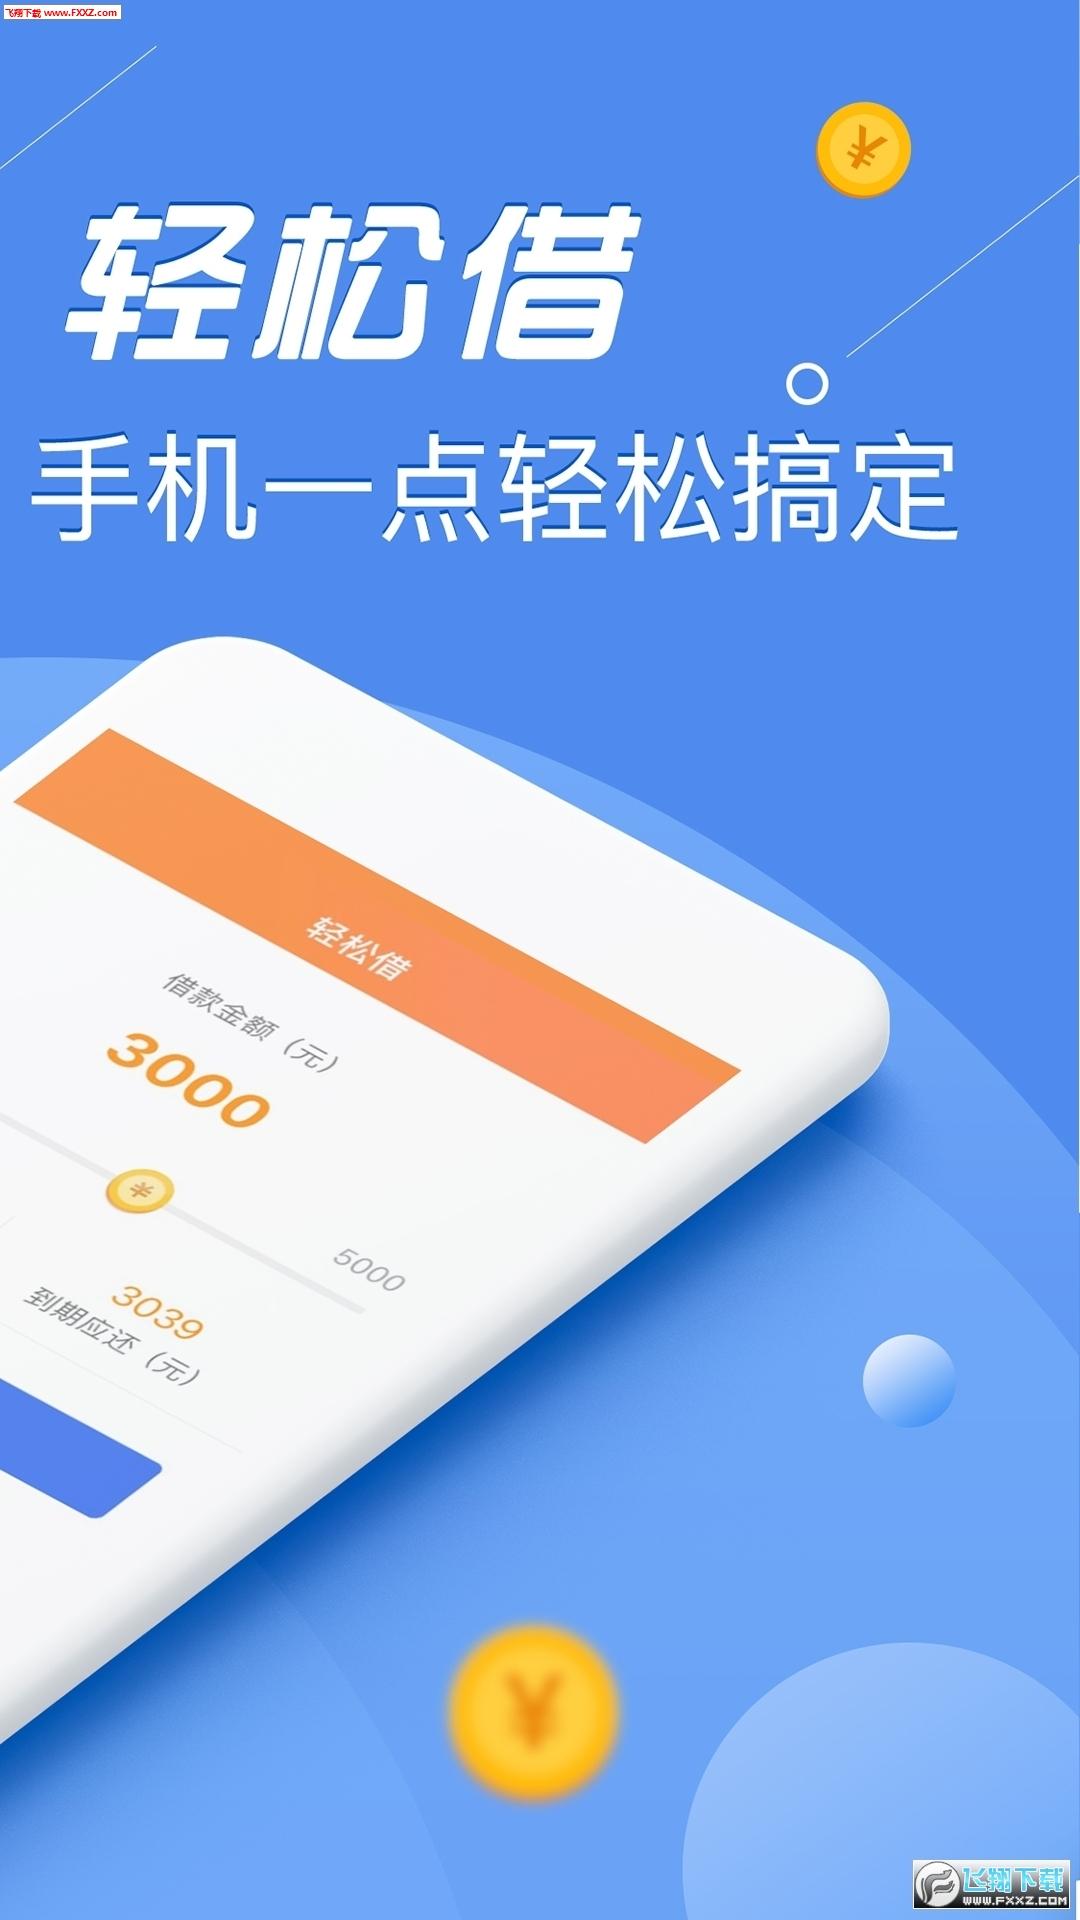 东方借款app1.0.0截图2